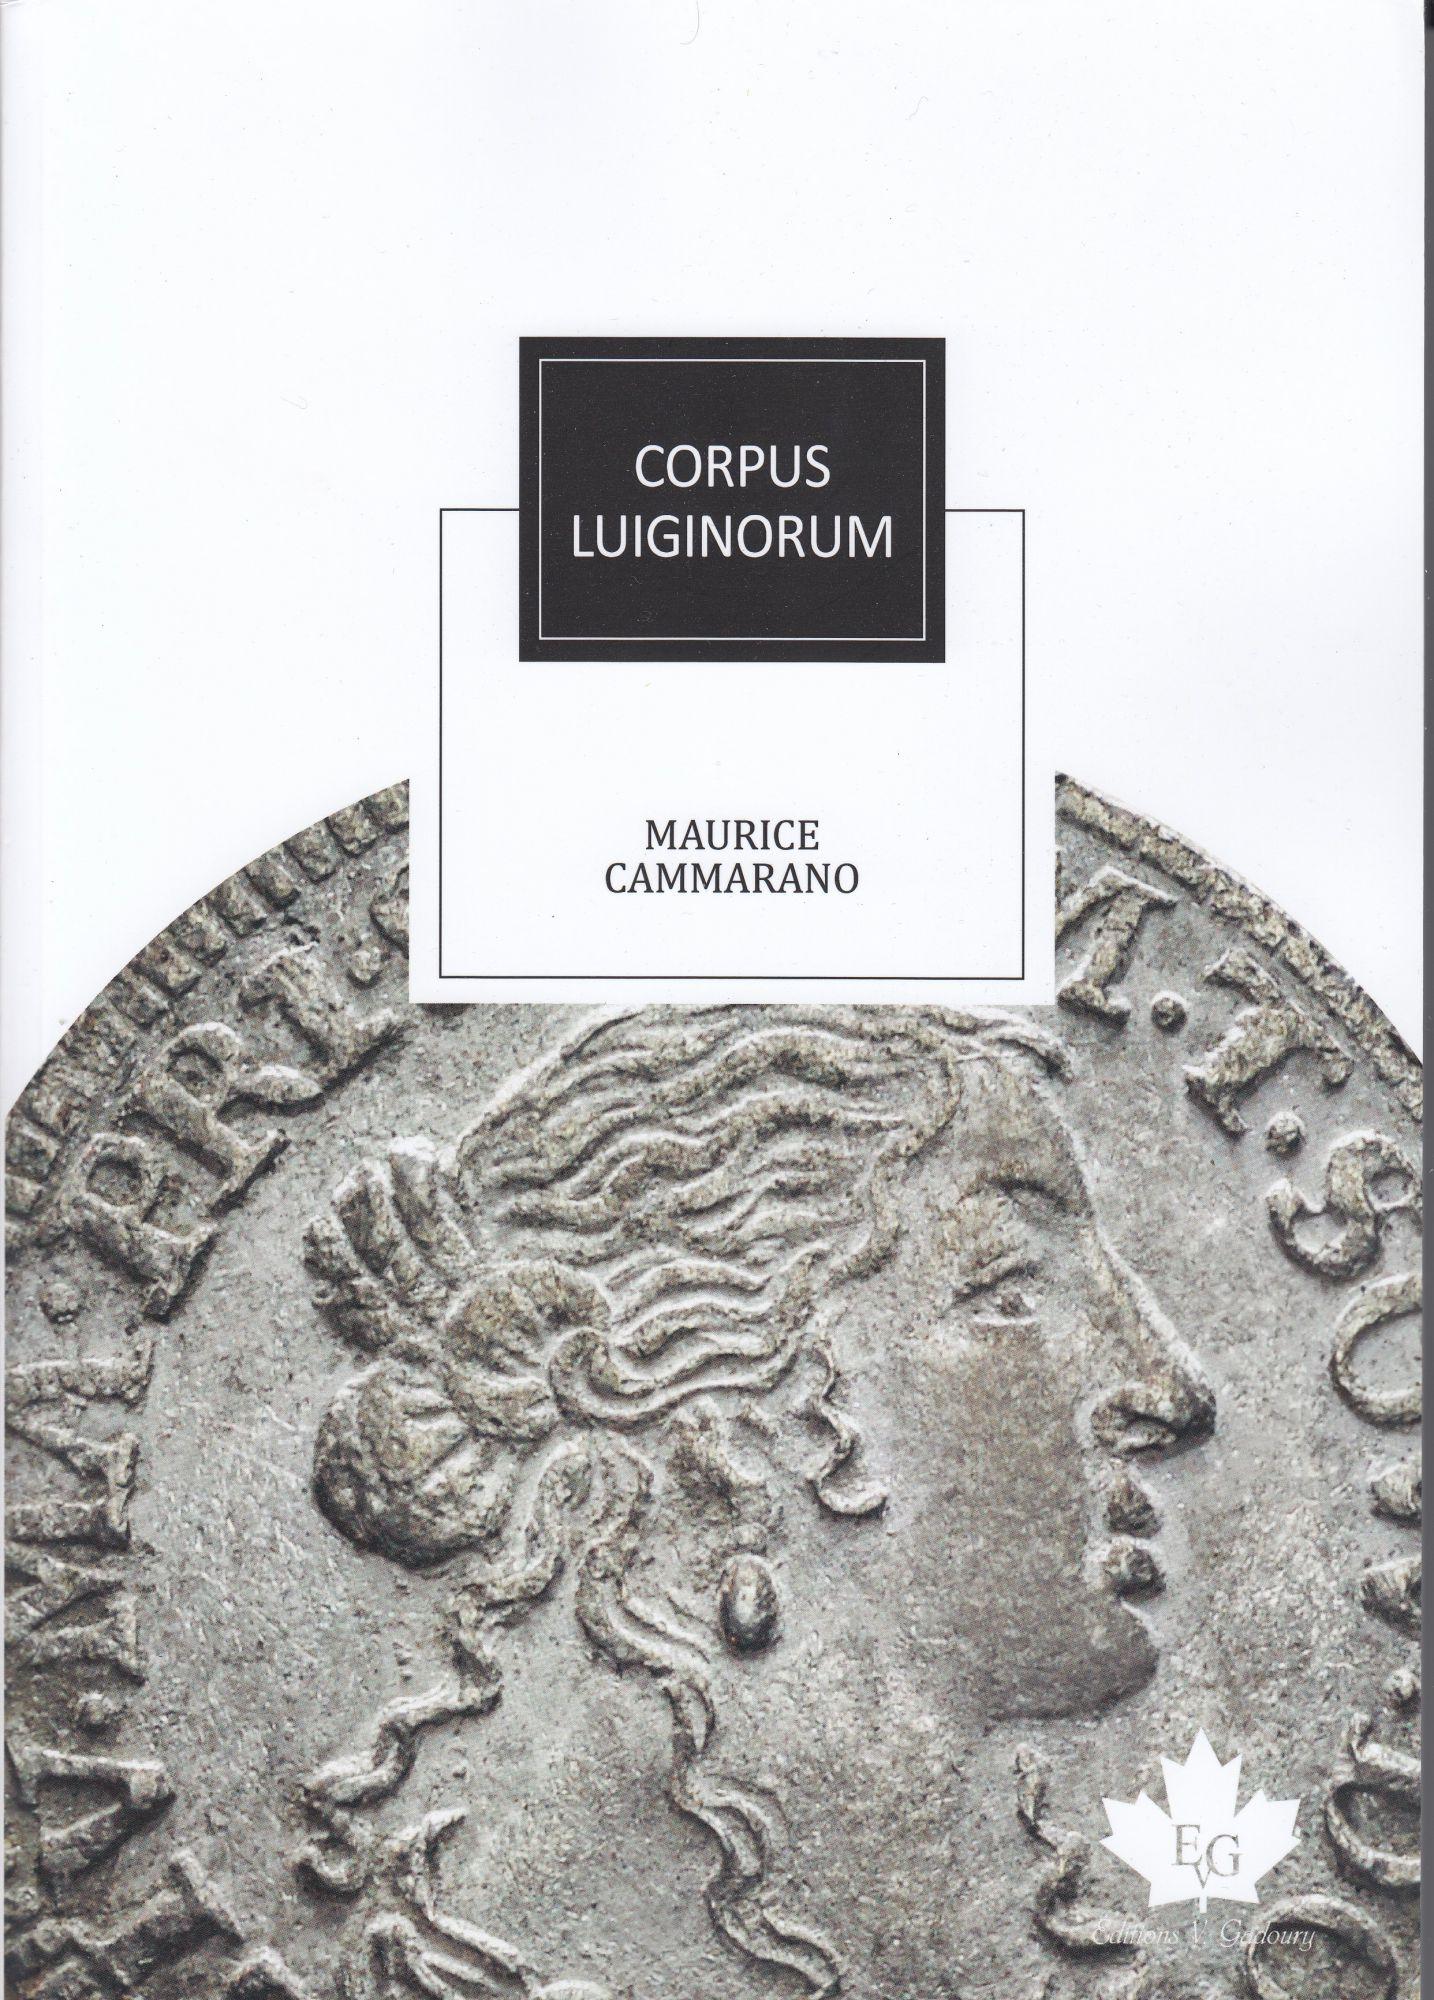 Corpus Luiginorum - 2020 - Maurice Cammarano - Editions Gadoury